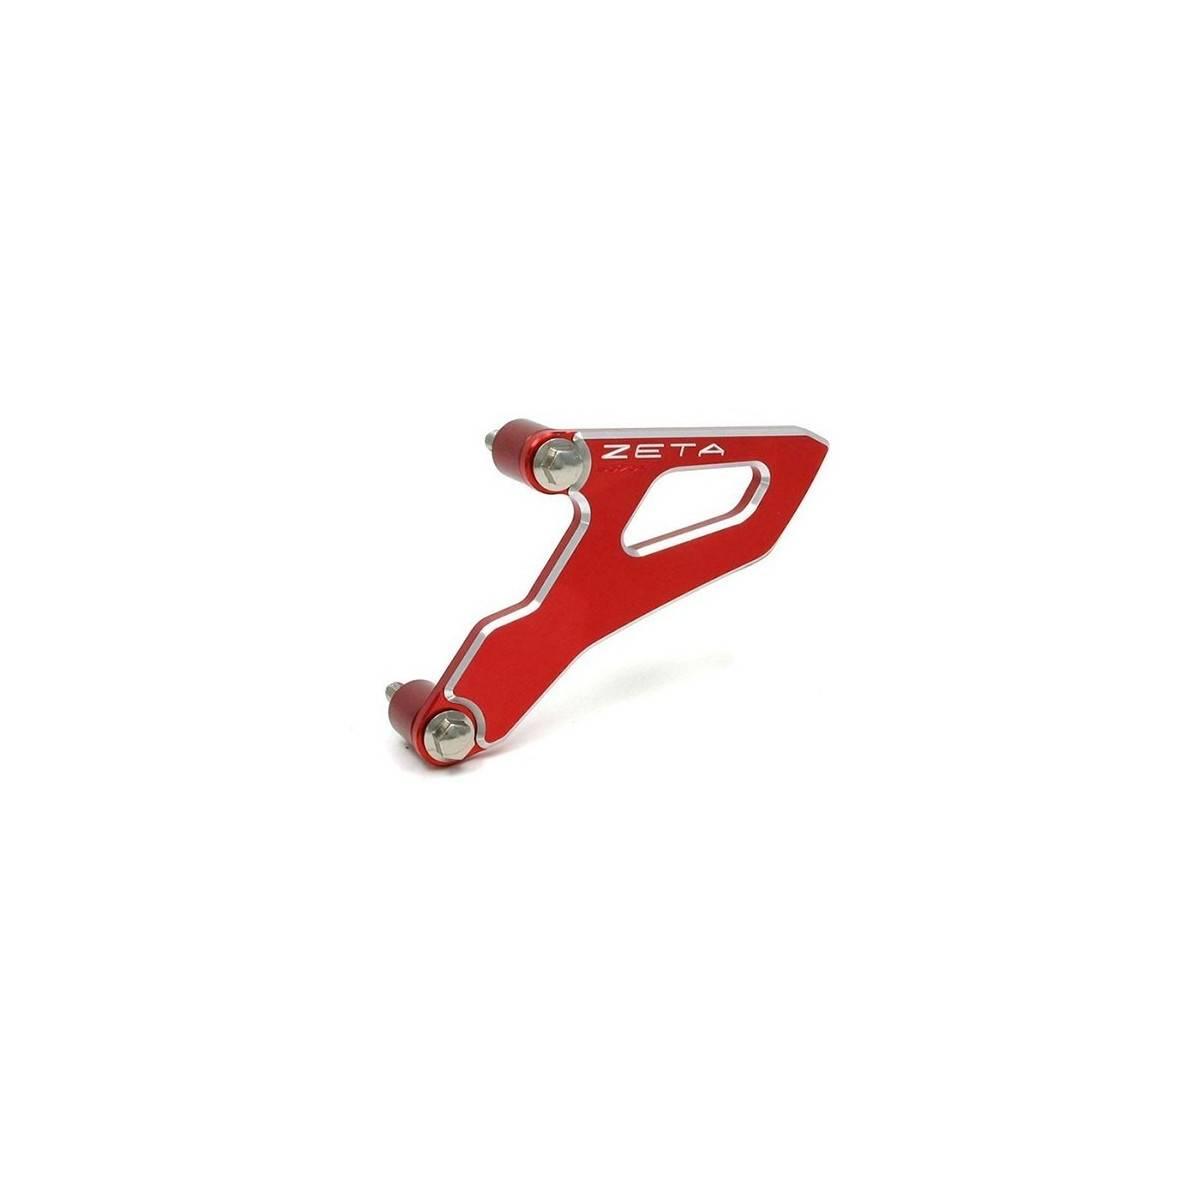 ZE80.9015 - Protector Piñon Salida Zeta Aluminio Cr Crf250 02 09 Rojo